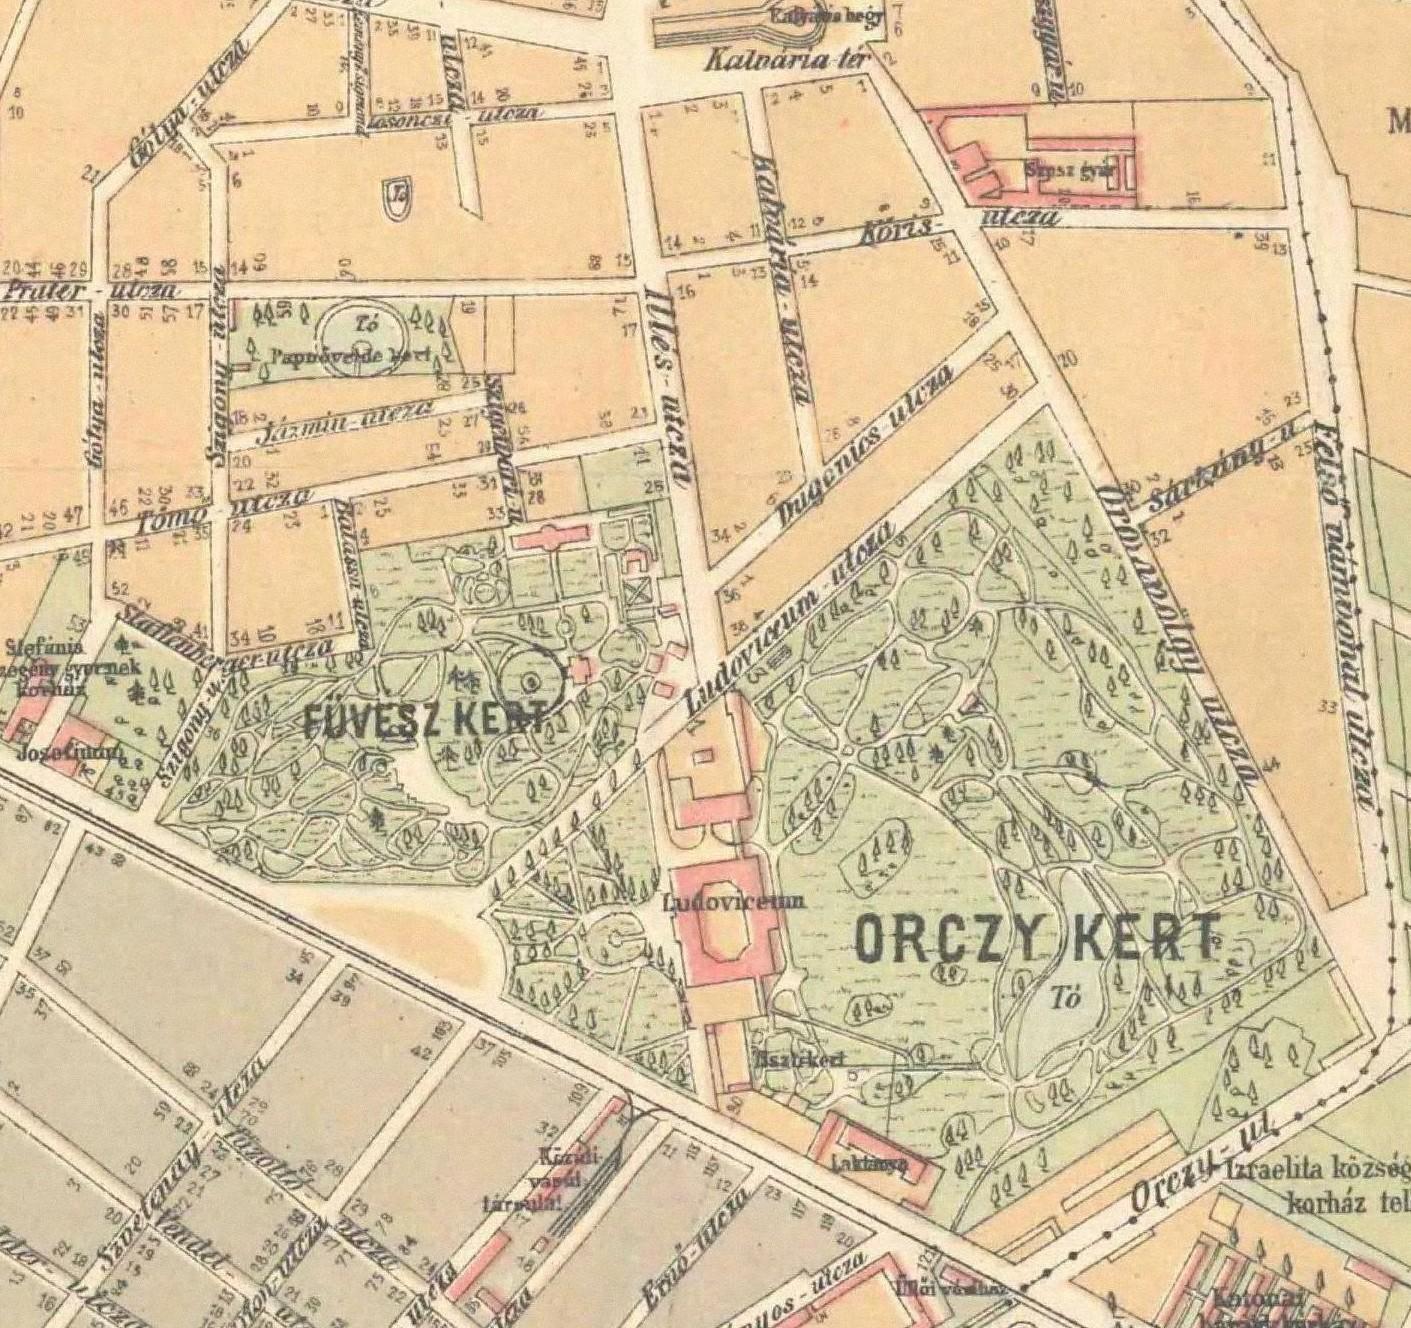 budapest füvészkert térkép Egy sziget felfedezése Budapesten | Pedagógiai Folyóiratok budapest füvészkert térkép